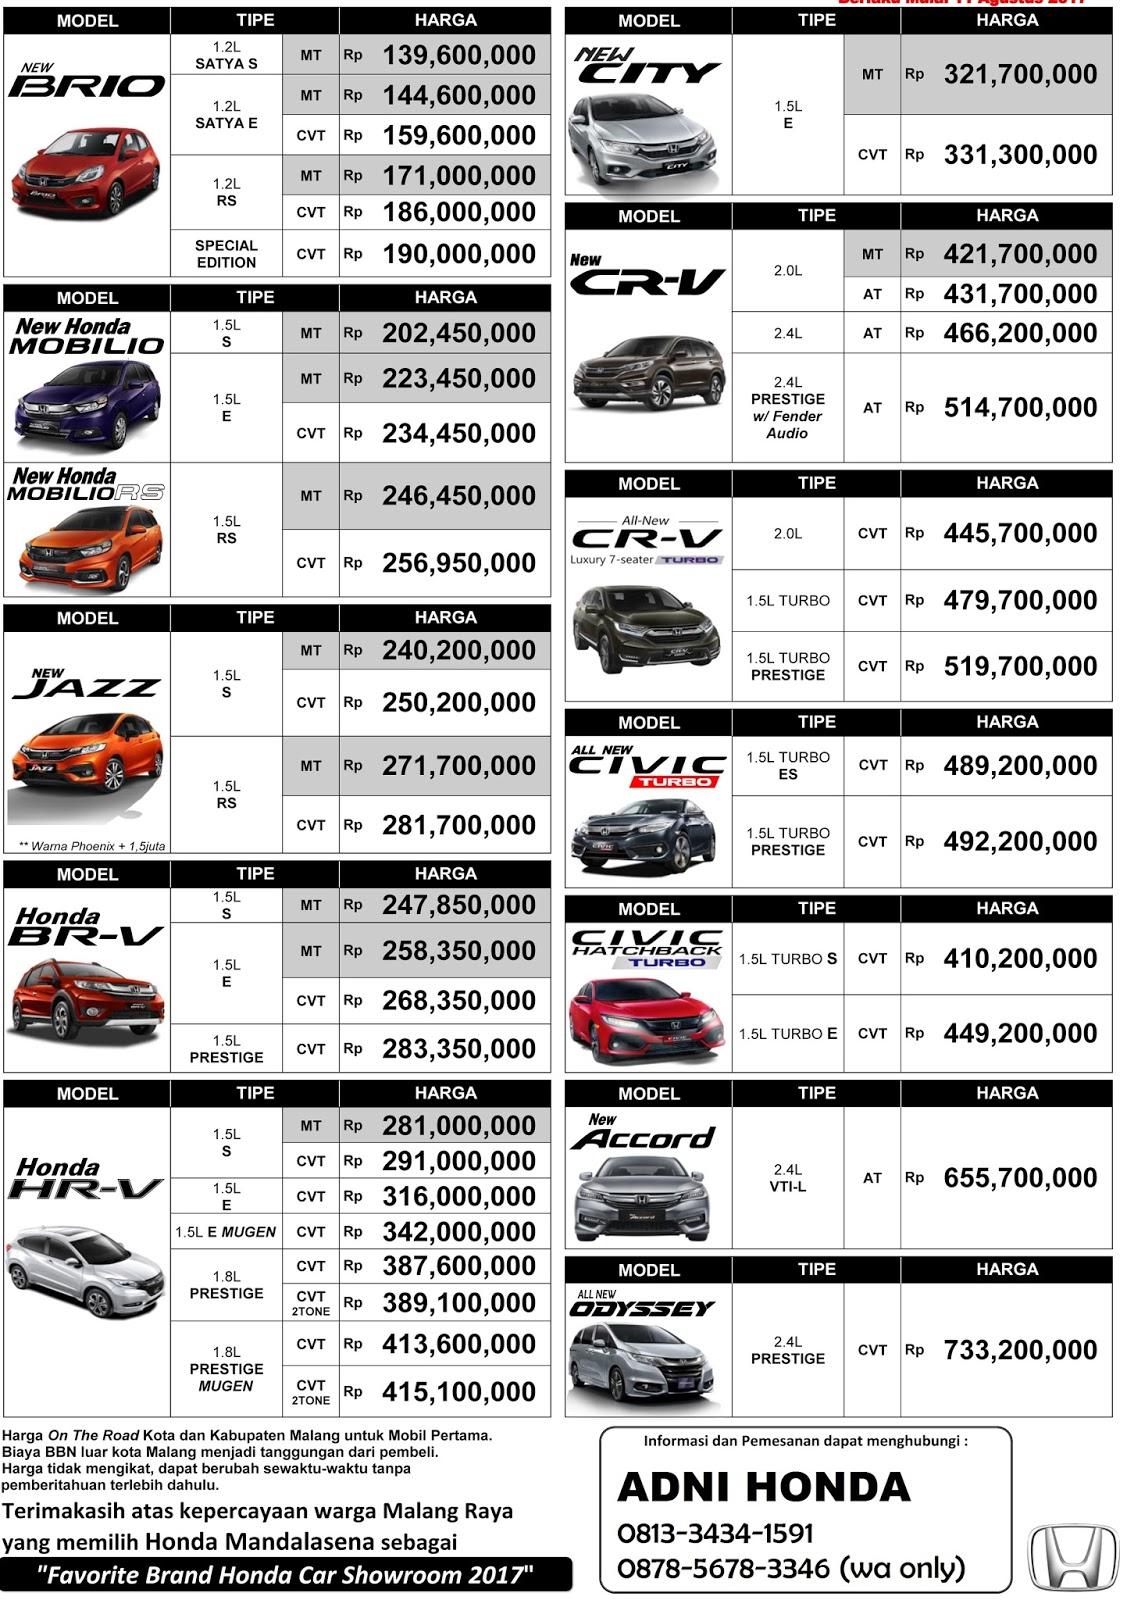 Kelebihan Daftar Harga Mobil Honda Review